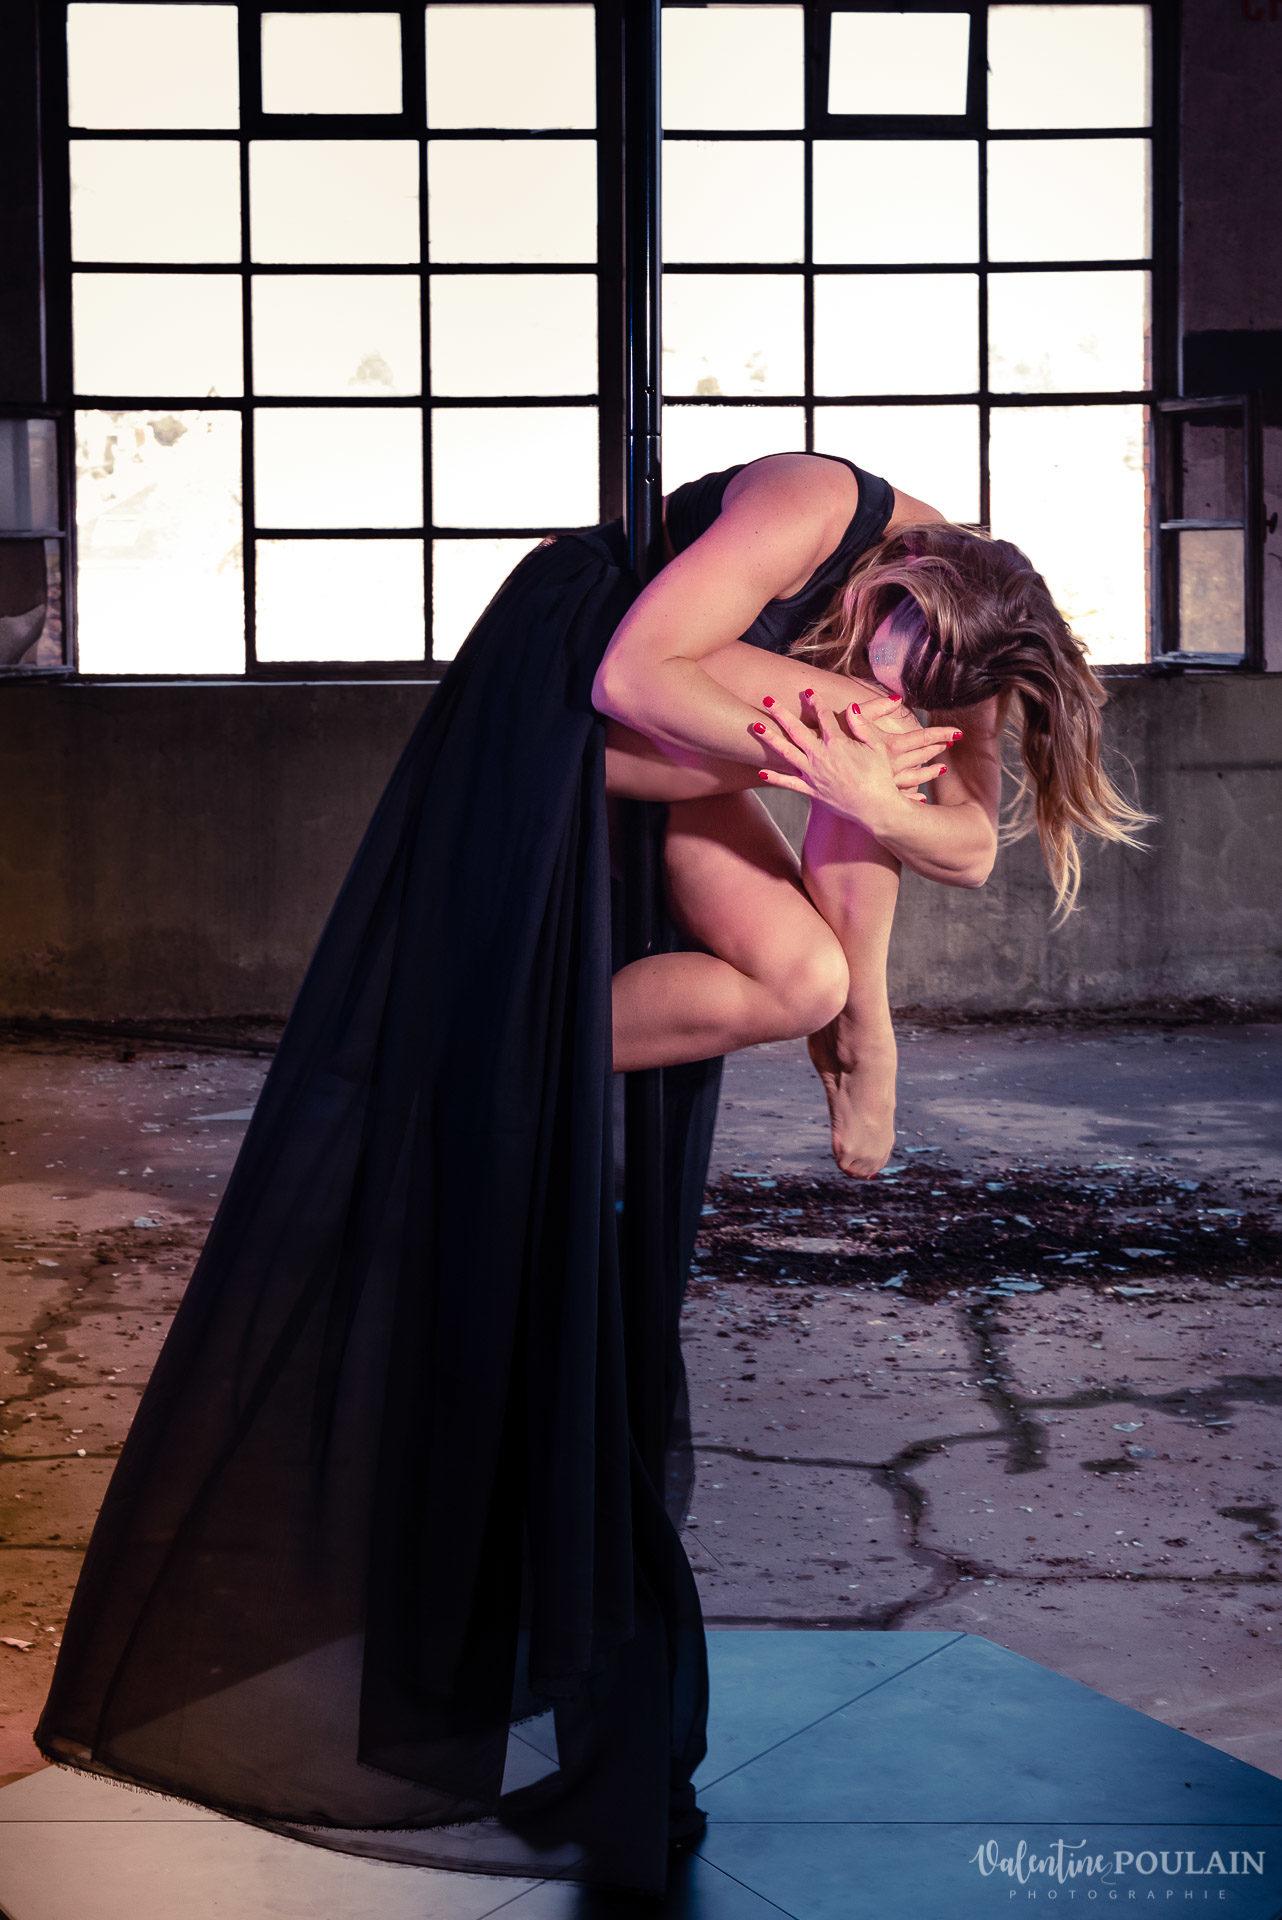 Shooting Pole Dance gymnastique - Valentine Poulain fermeture